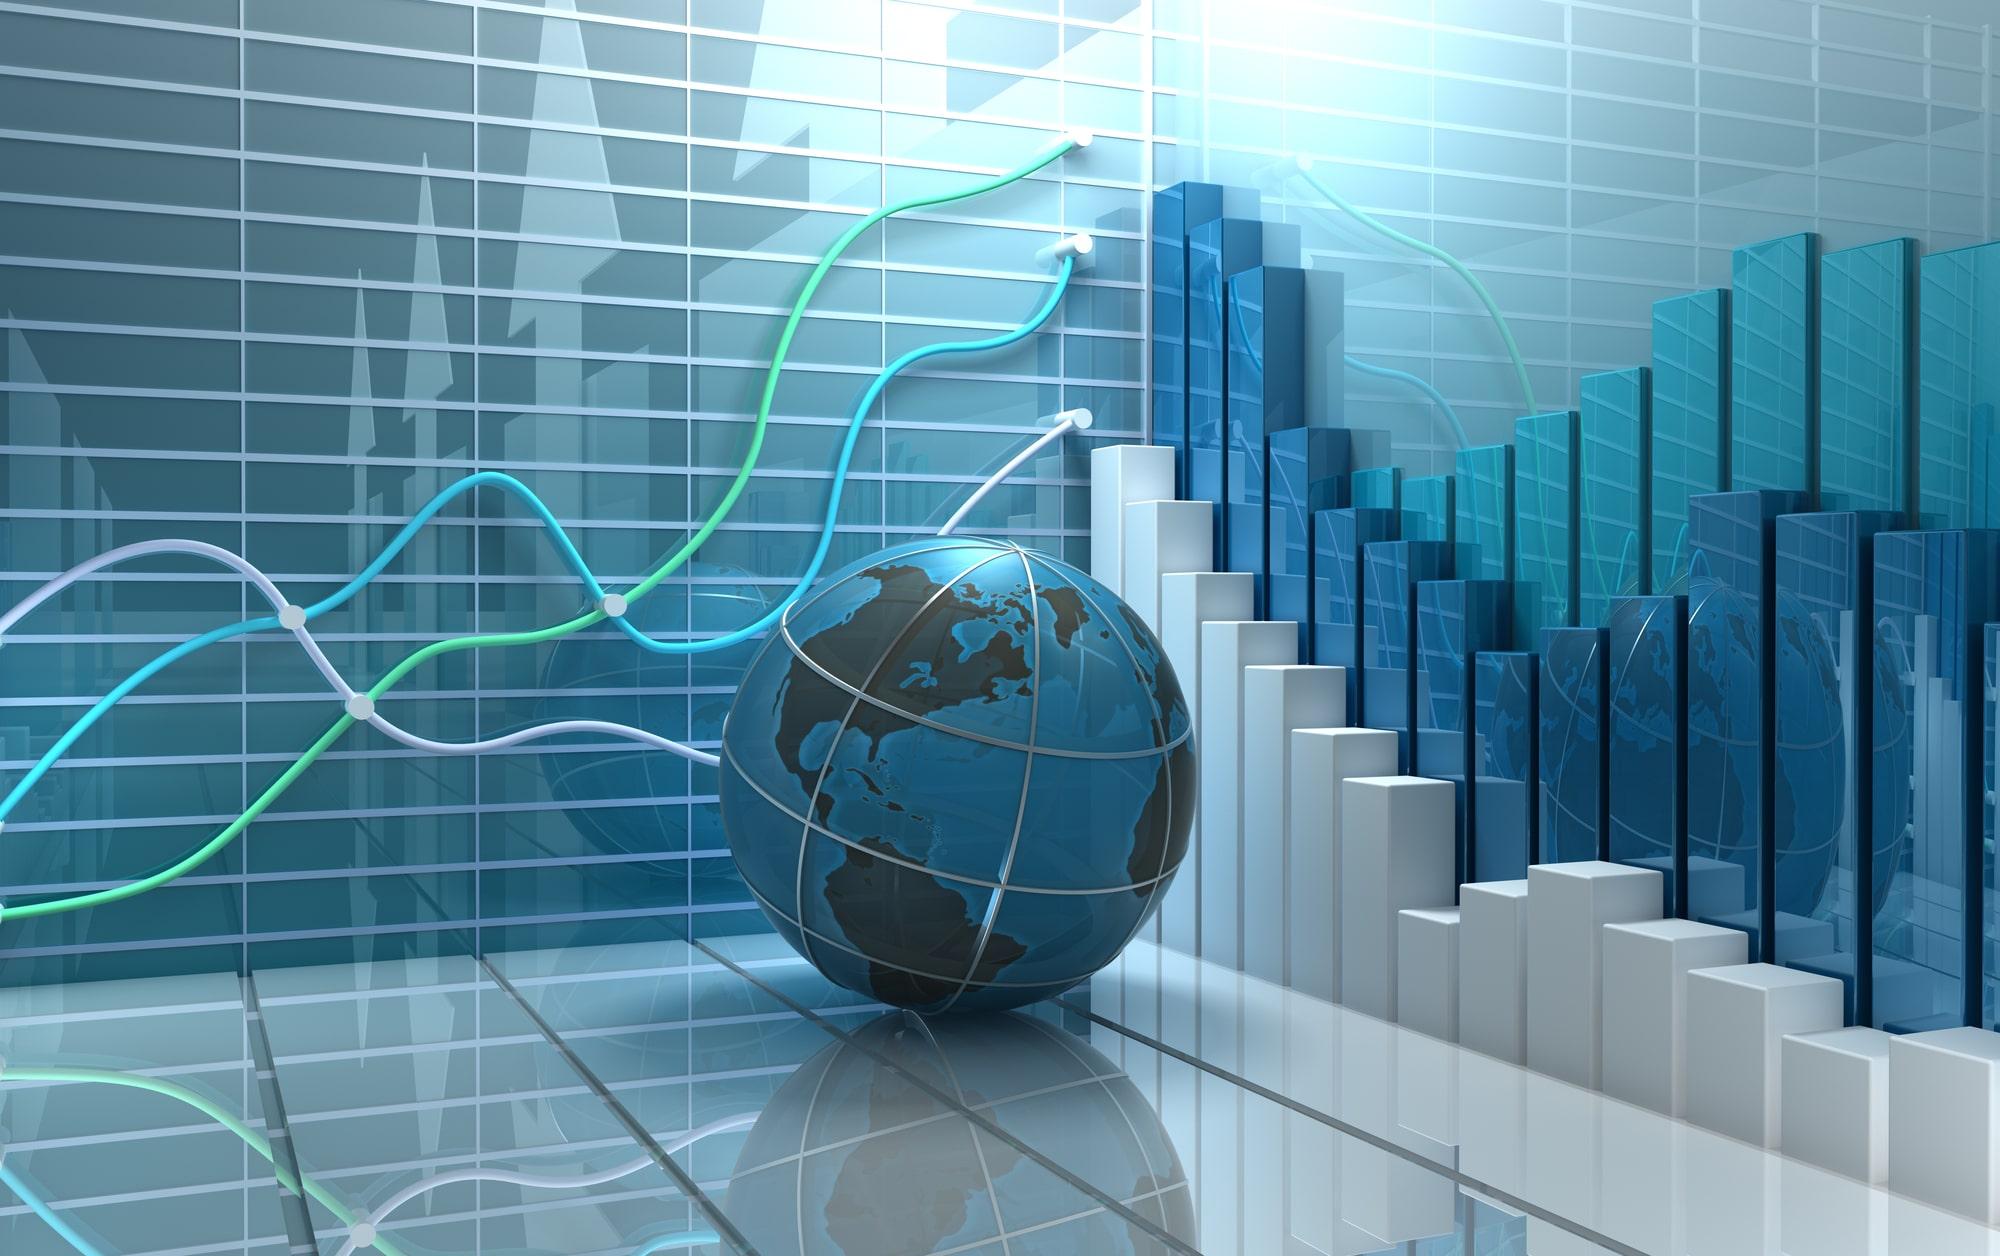 January 3, 2020 Weekly Market Recap